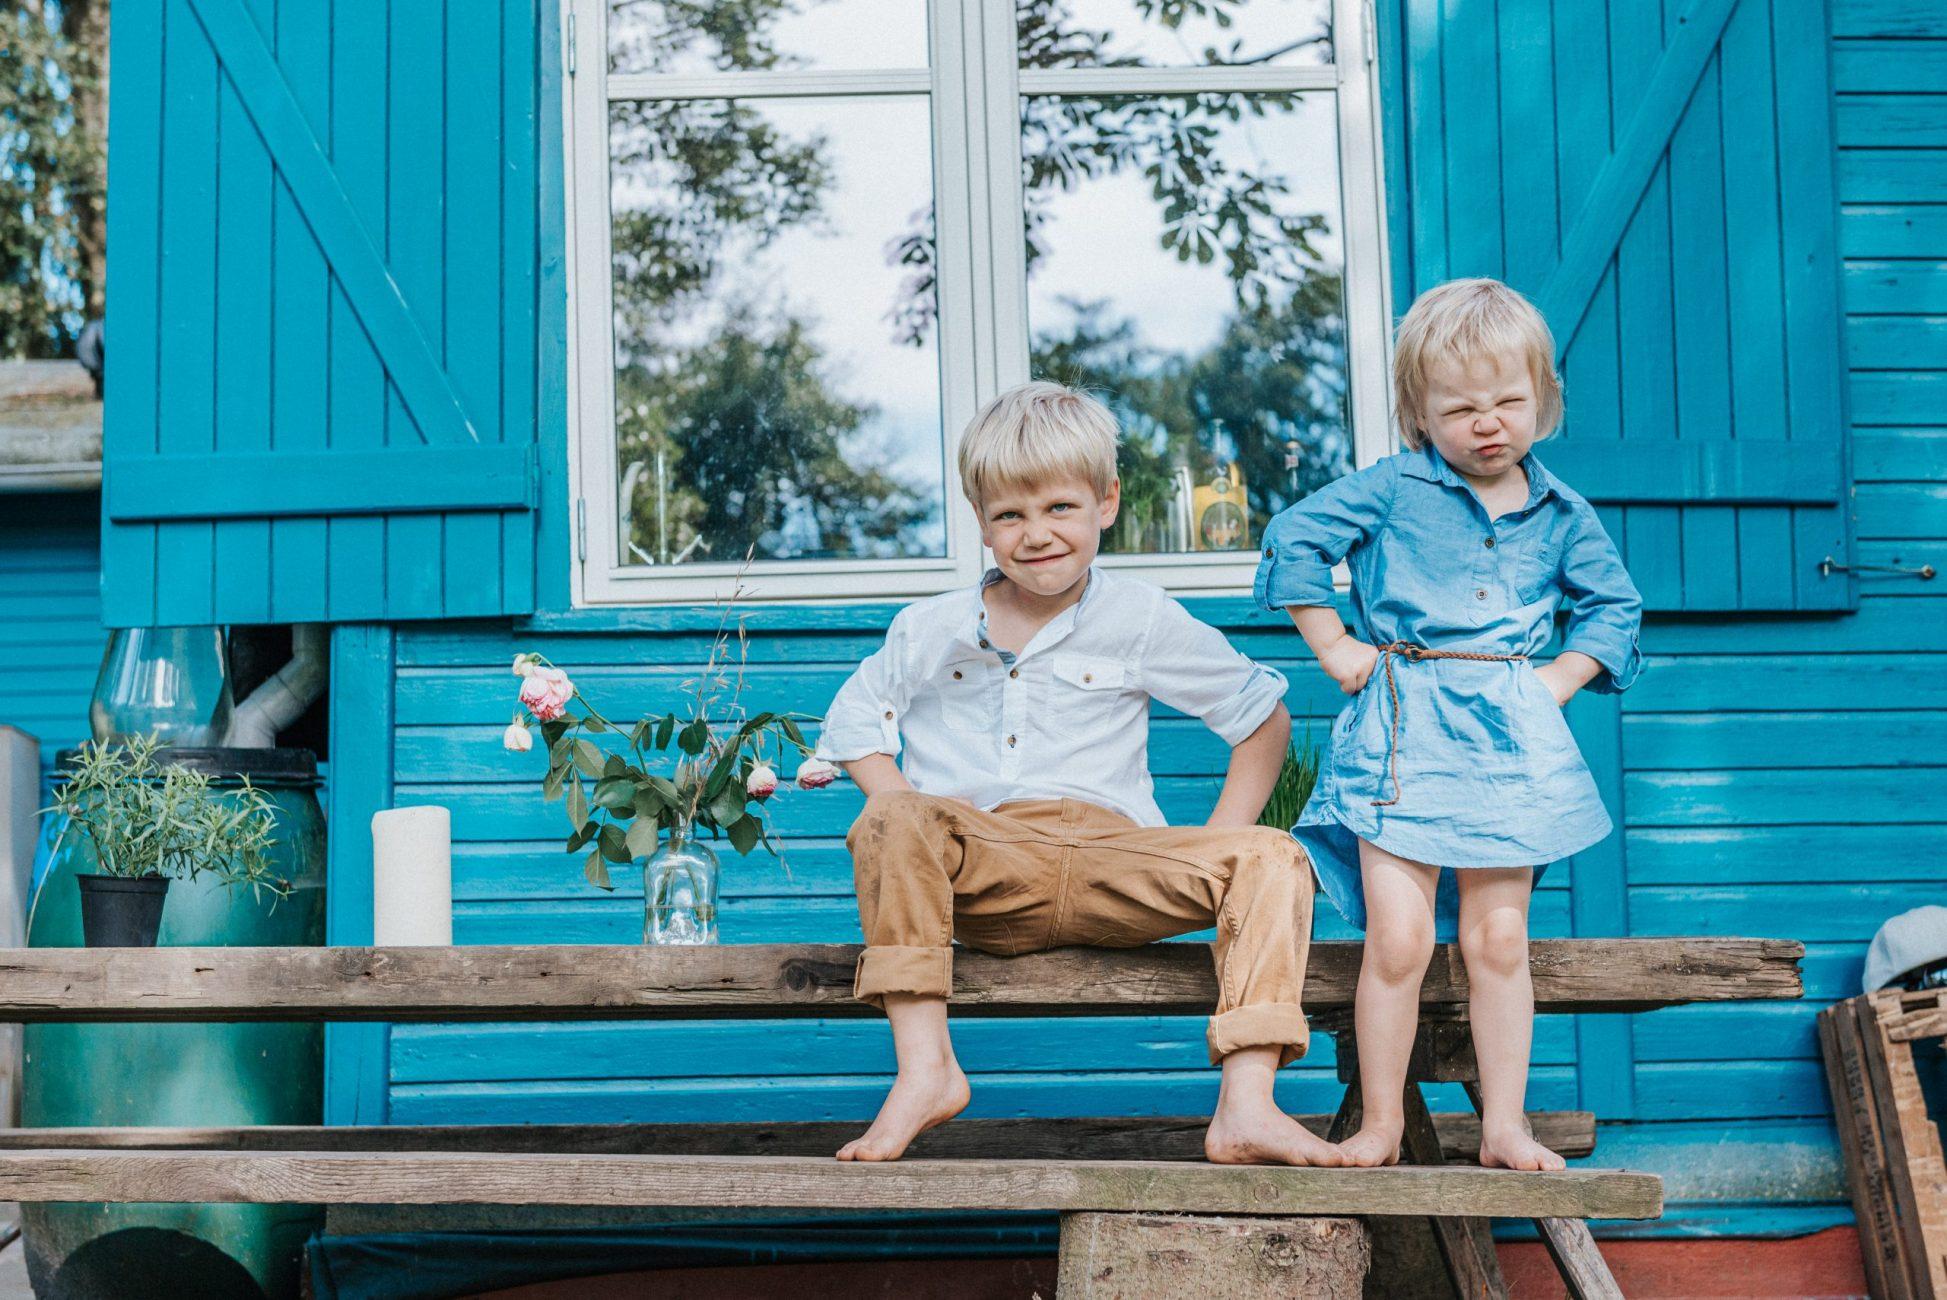 Natürliche und ungestellte Familienfotografie von ihrer Fotografin für Familienfotos Julia Aßmann in Hamburg, Stade, Jork, Buxtehude, Altes Land